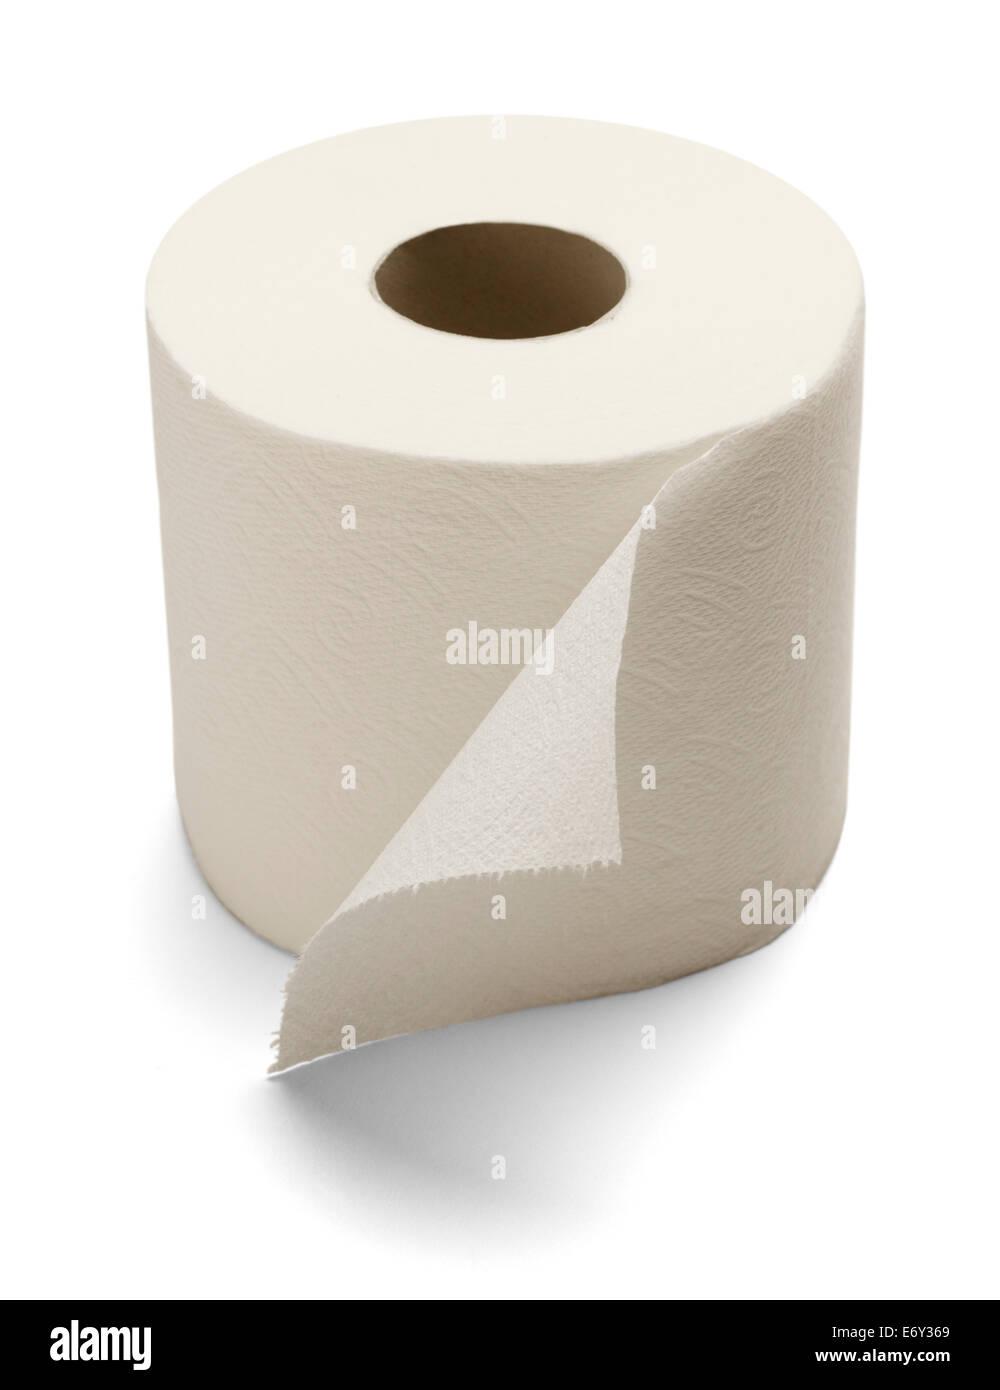 Weiches Toilettenpapier isoliert auf weißem Hintergrund. Stockbild